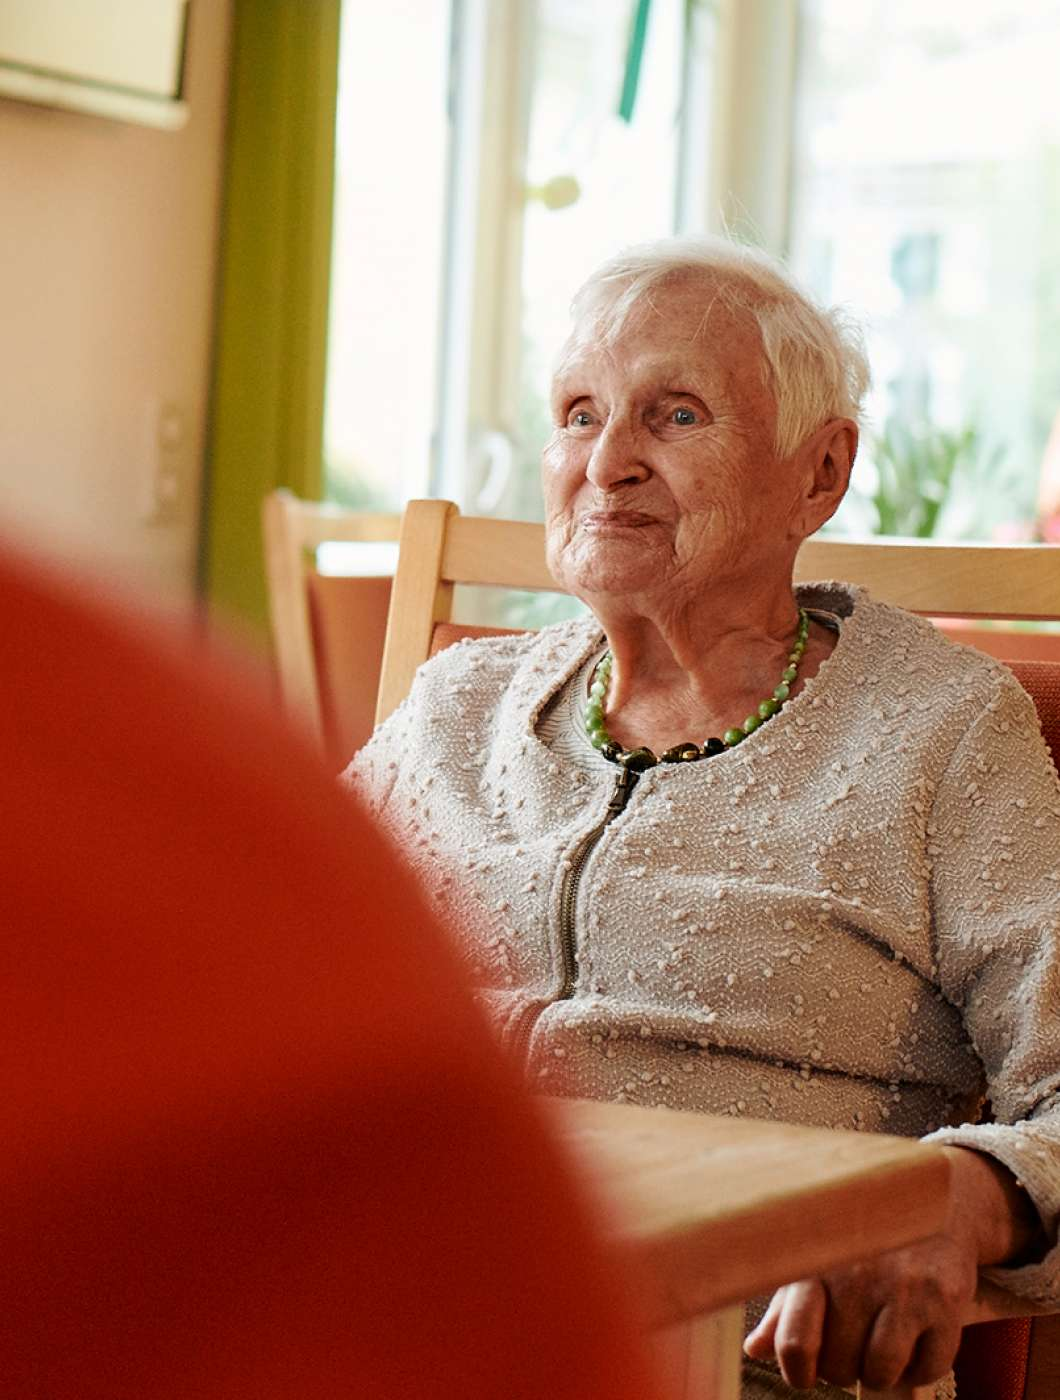 Zu welchem Pflegethema benötigen Sie Informationen?